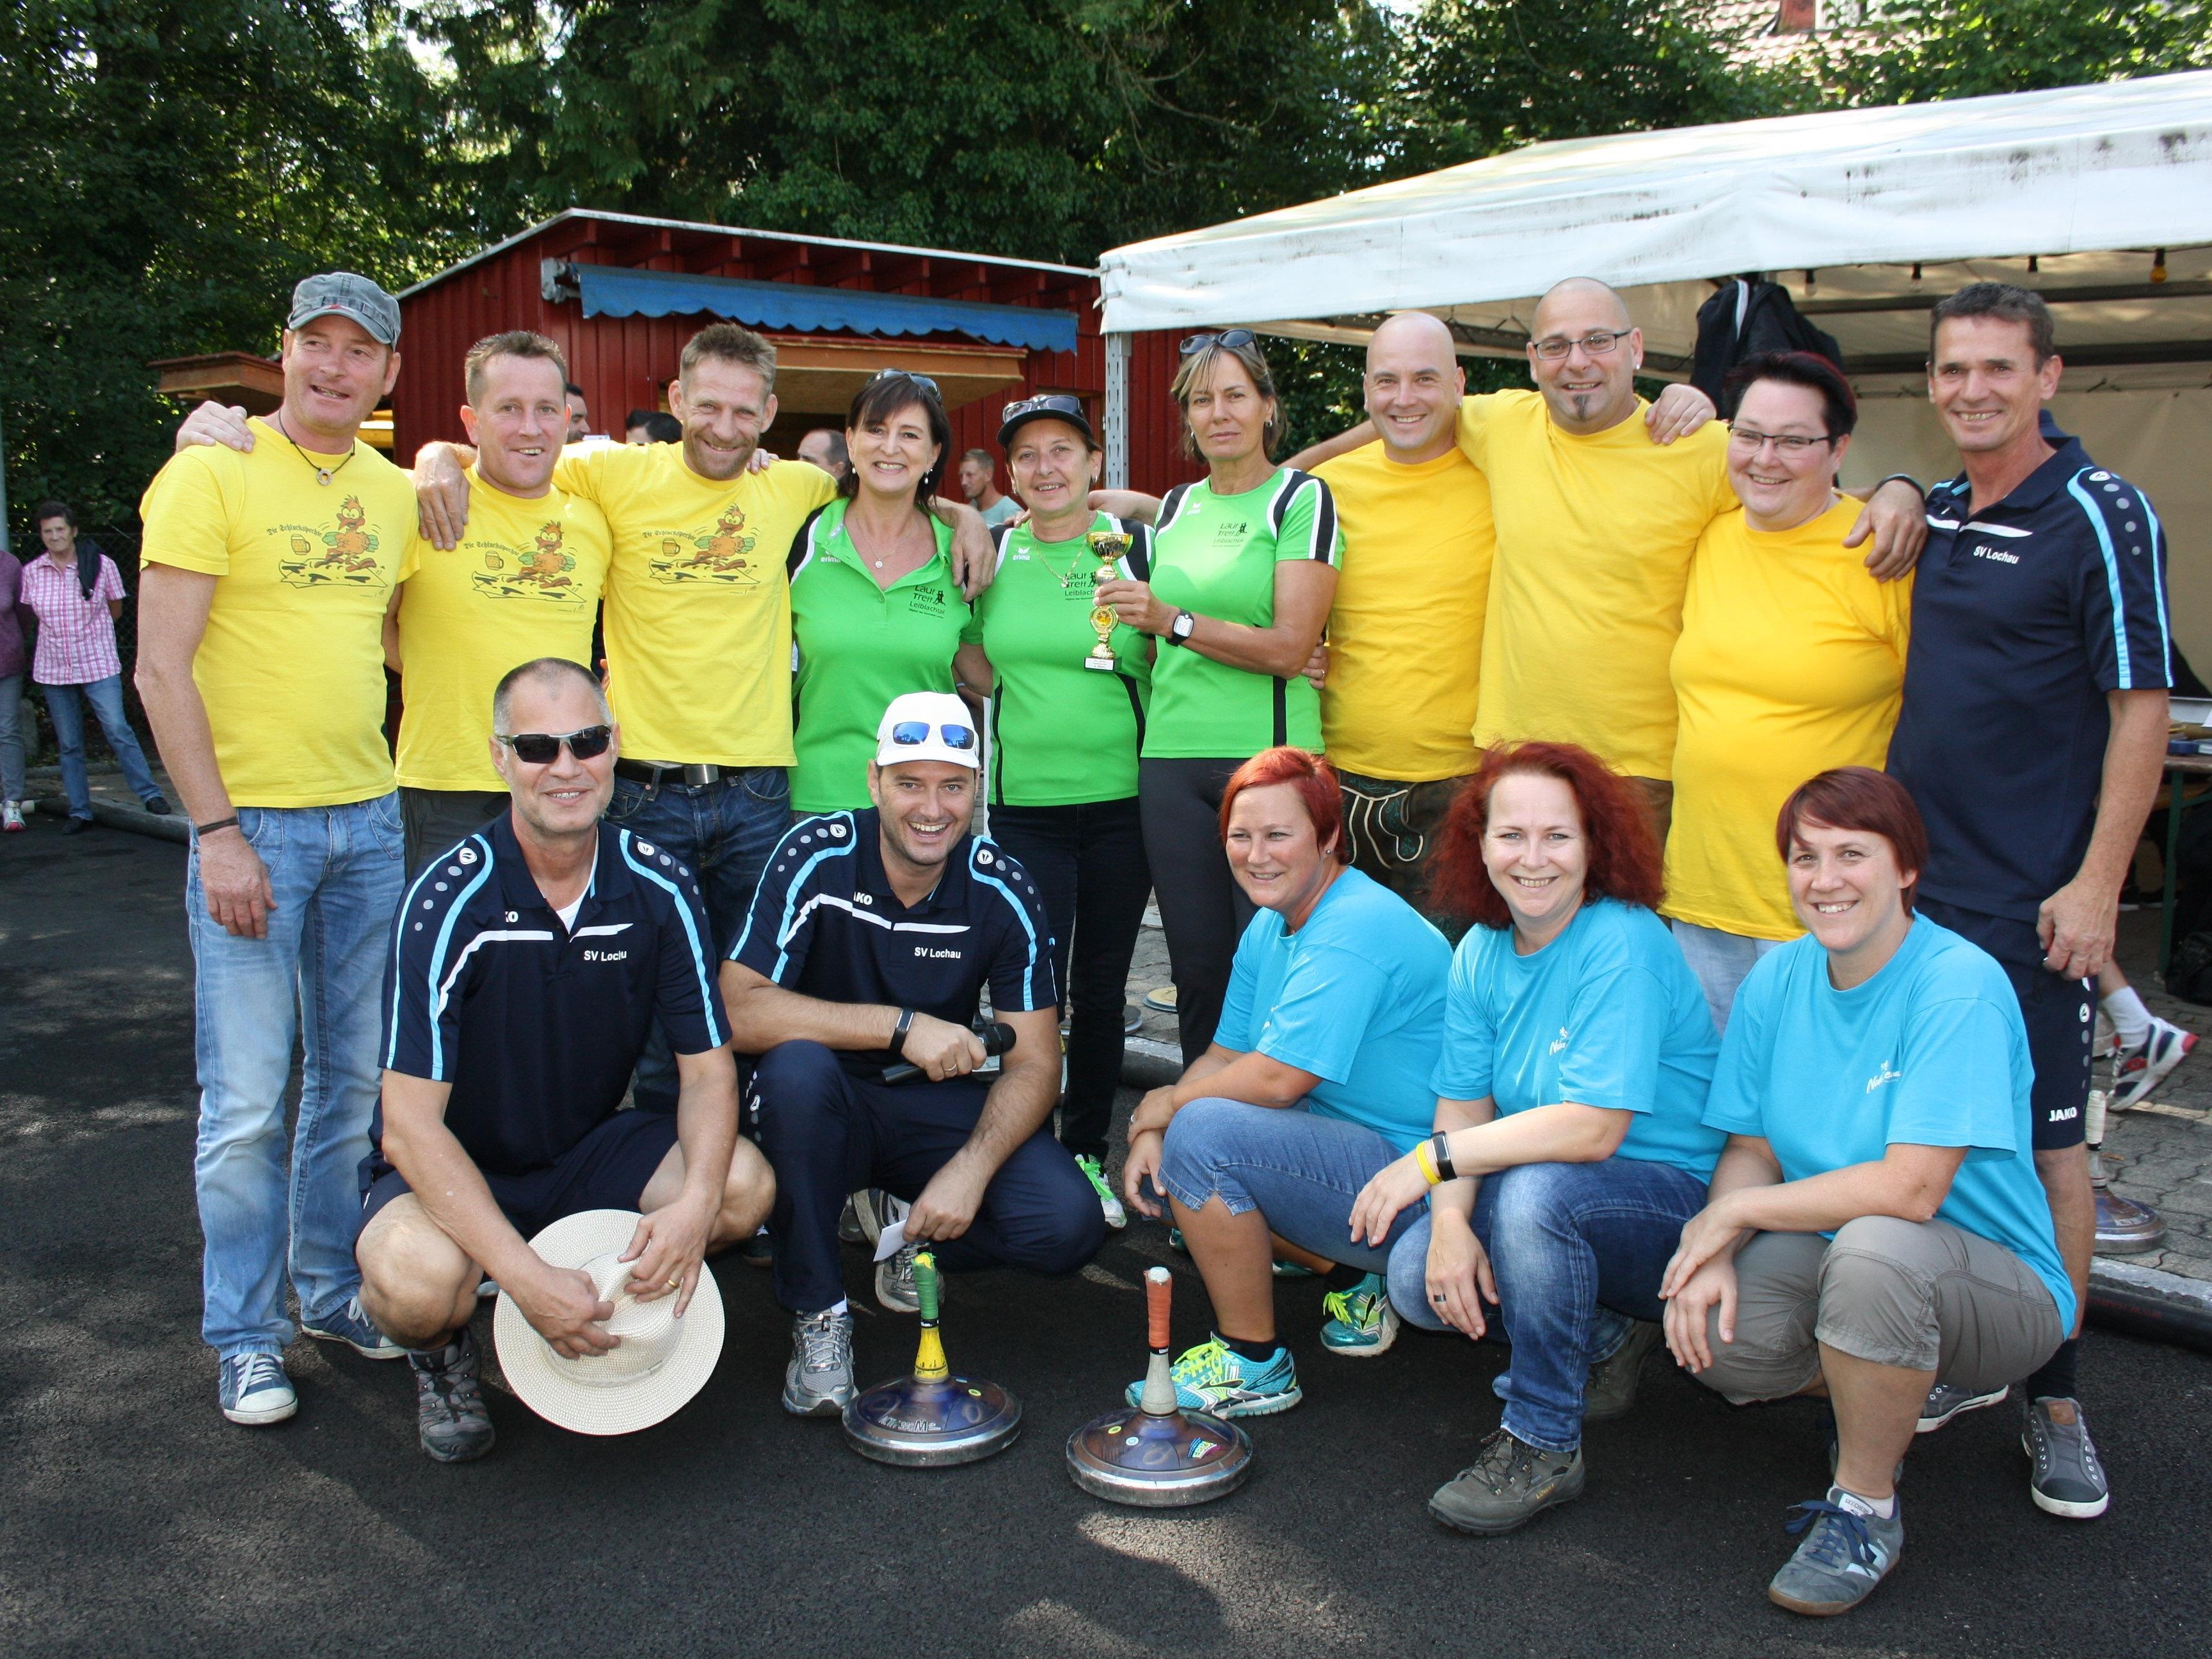 Vereins- und Firmenmannschaften sind zum 18. Lochauer Hobby-Stocksport-Turnier auf der Stocksportanlage am Hoferfeld herzlich eingeladen.